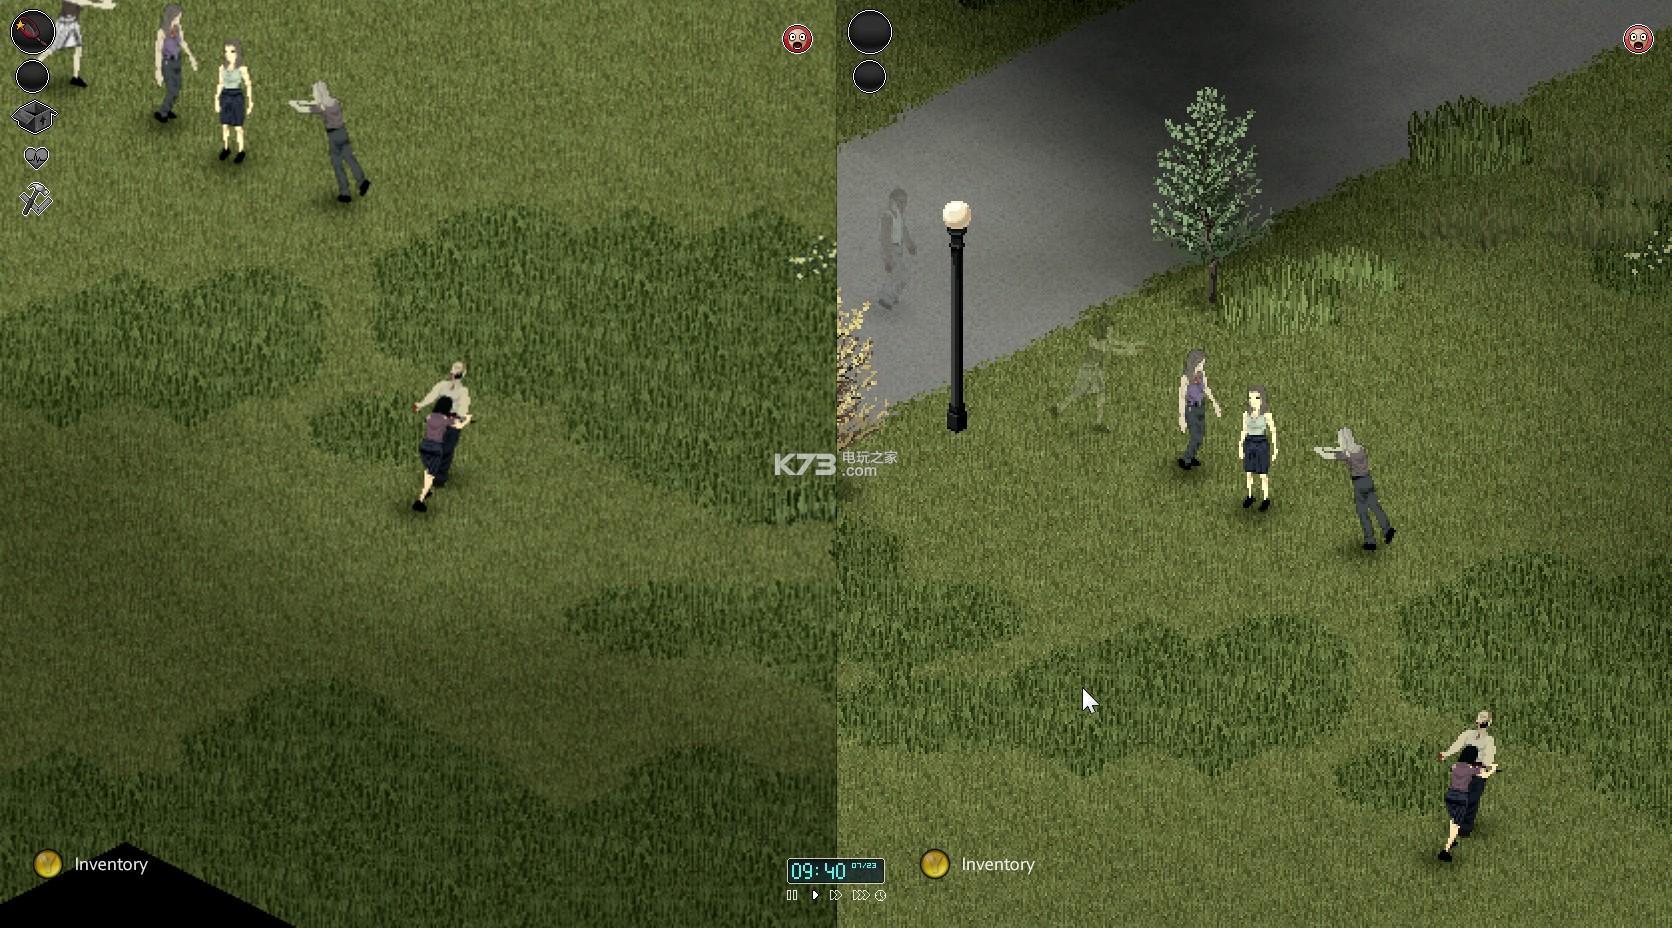 僵尸毁灭工程中文版下载图片